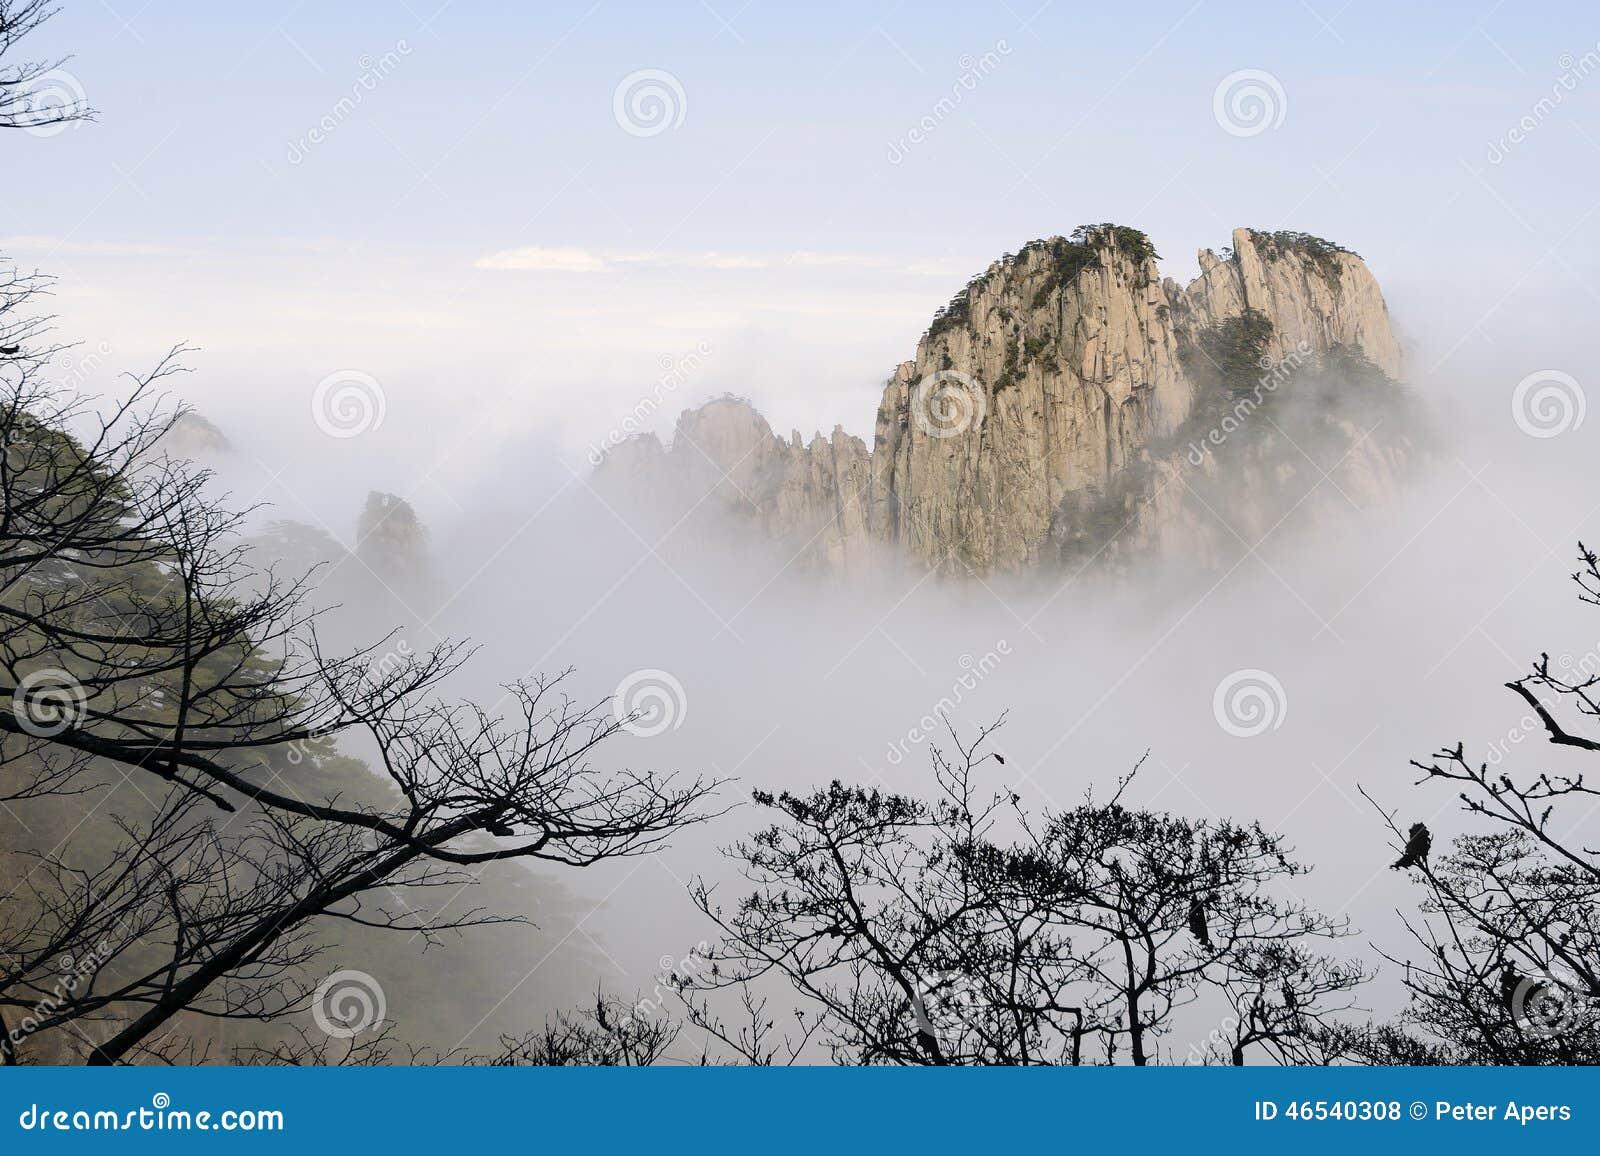 Yellow Mountain - Huangshan, China